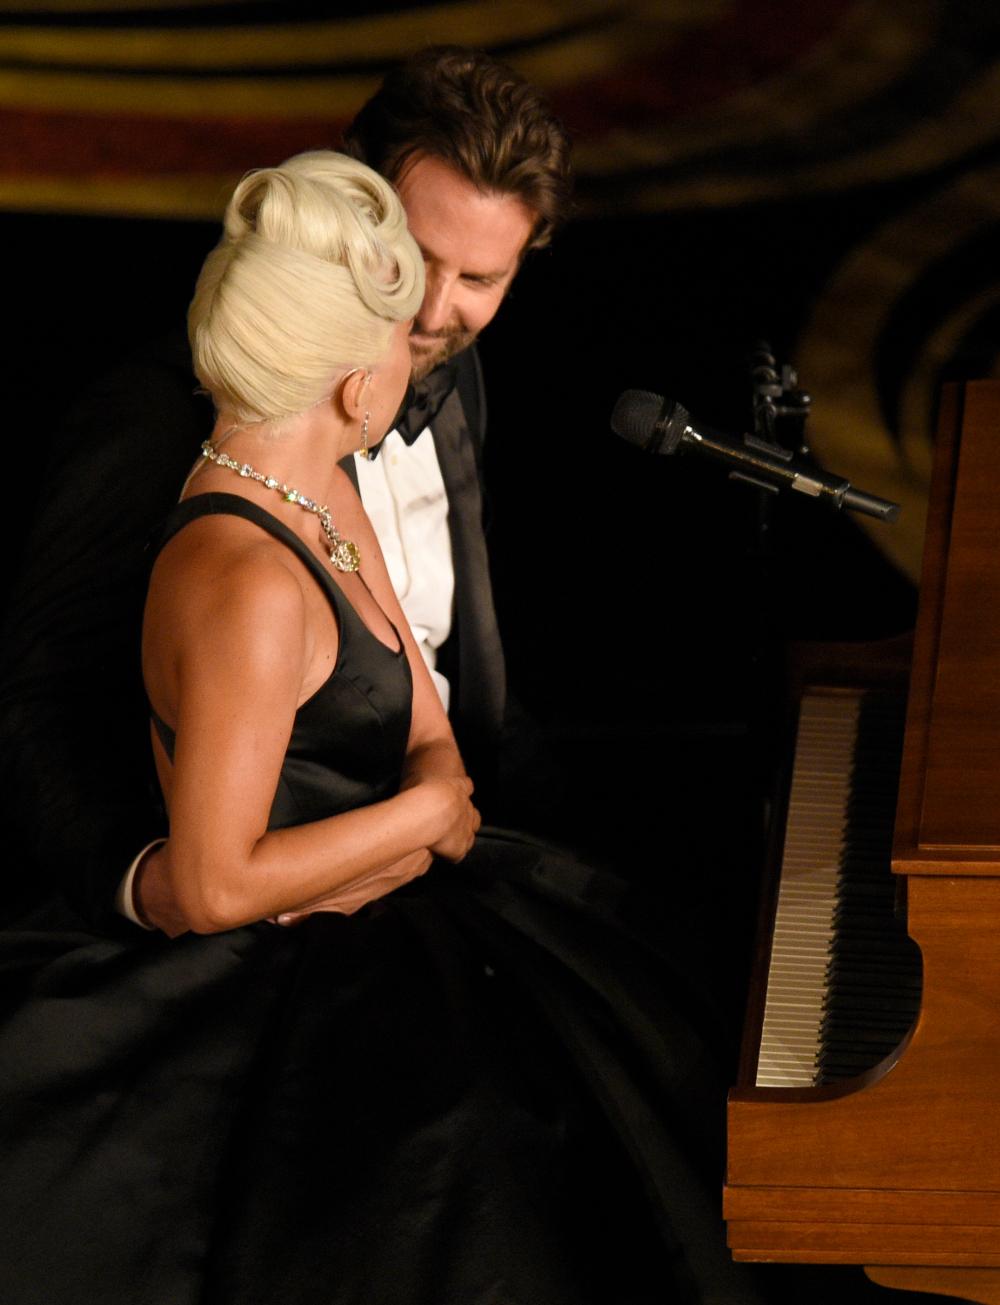 Μπράντλεϊ Κούπερ και Lady Gaga στη σκηνή των Οσκαρ 2019